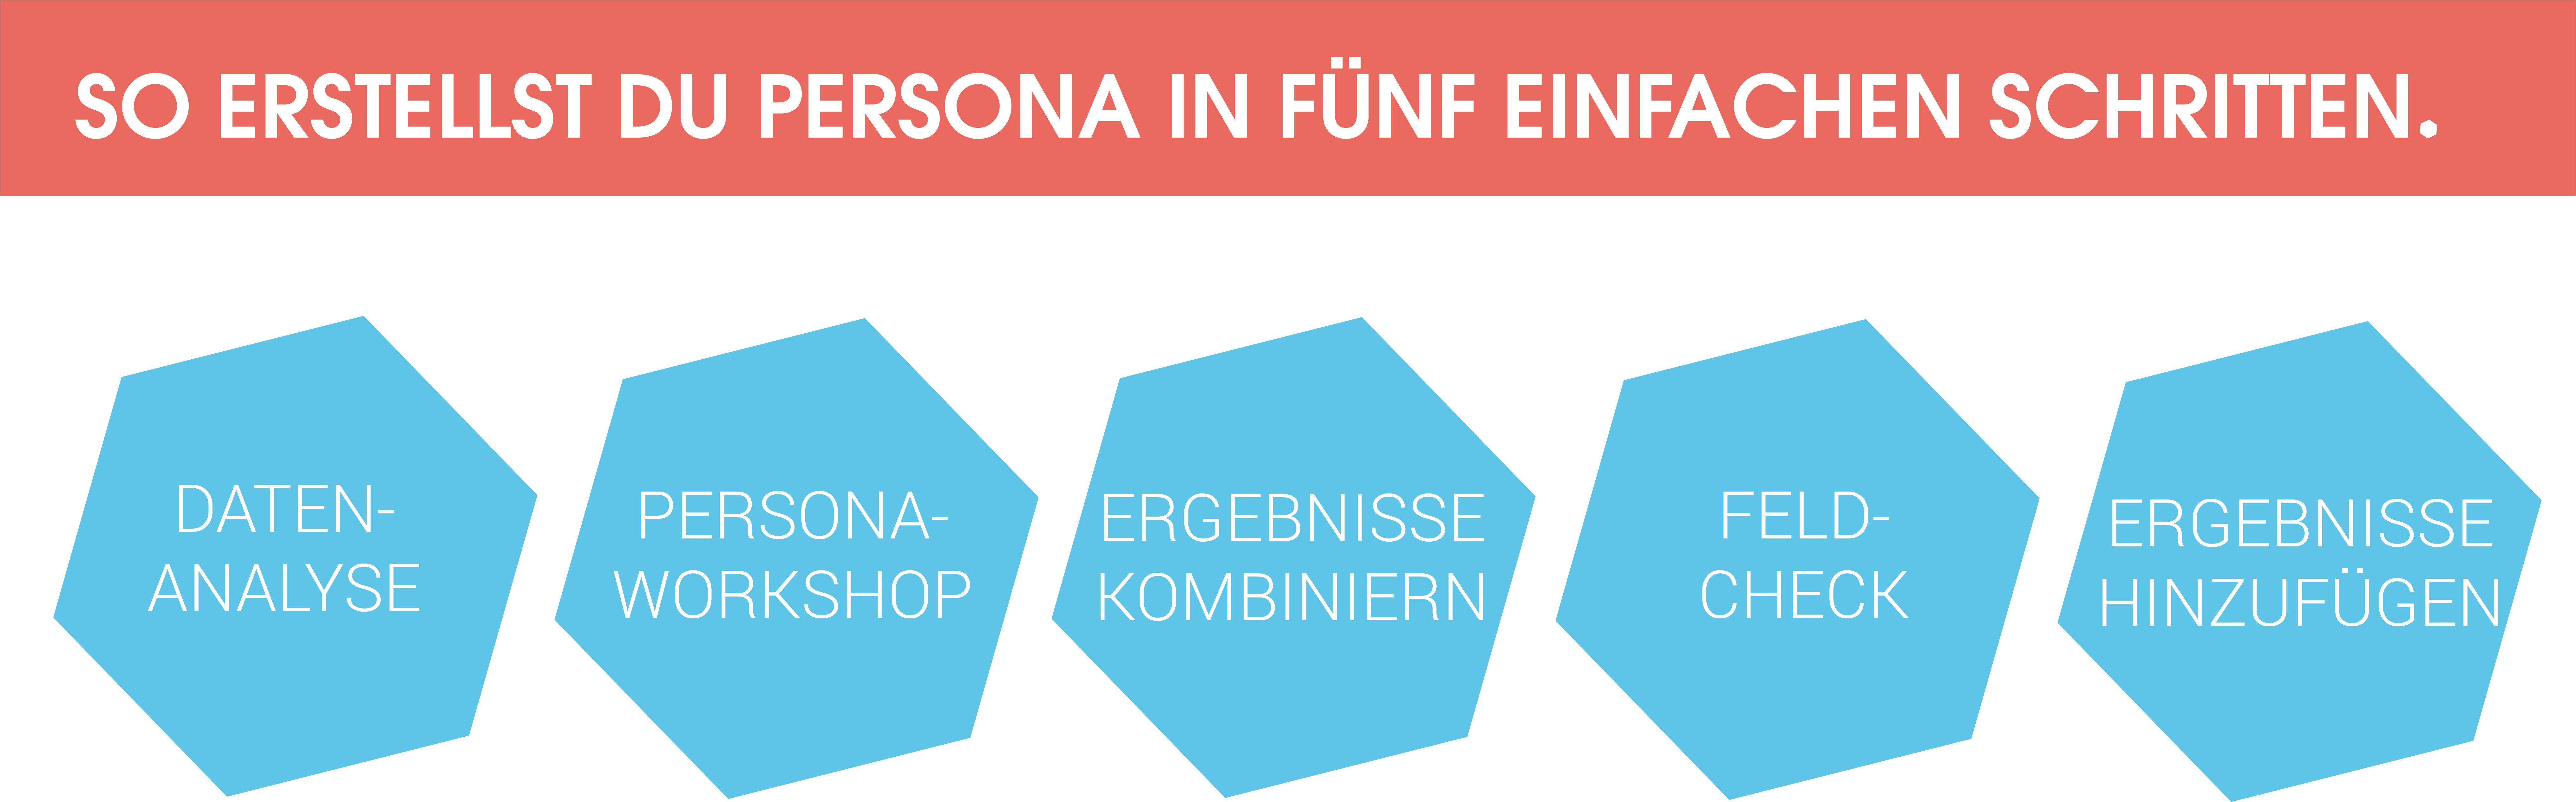 In fünf einfachen Schritten ein Persona-Profil entwickeln: 1. Datenanalyse 2. Persona-Workshop 3. Ergebnisse kombinieren 4. Feld-Check 5. Ergebnisse hinzufügen